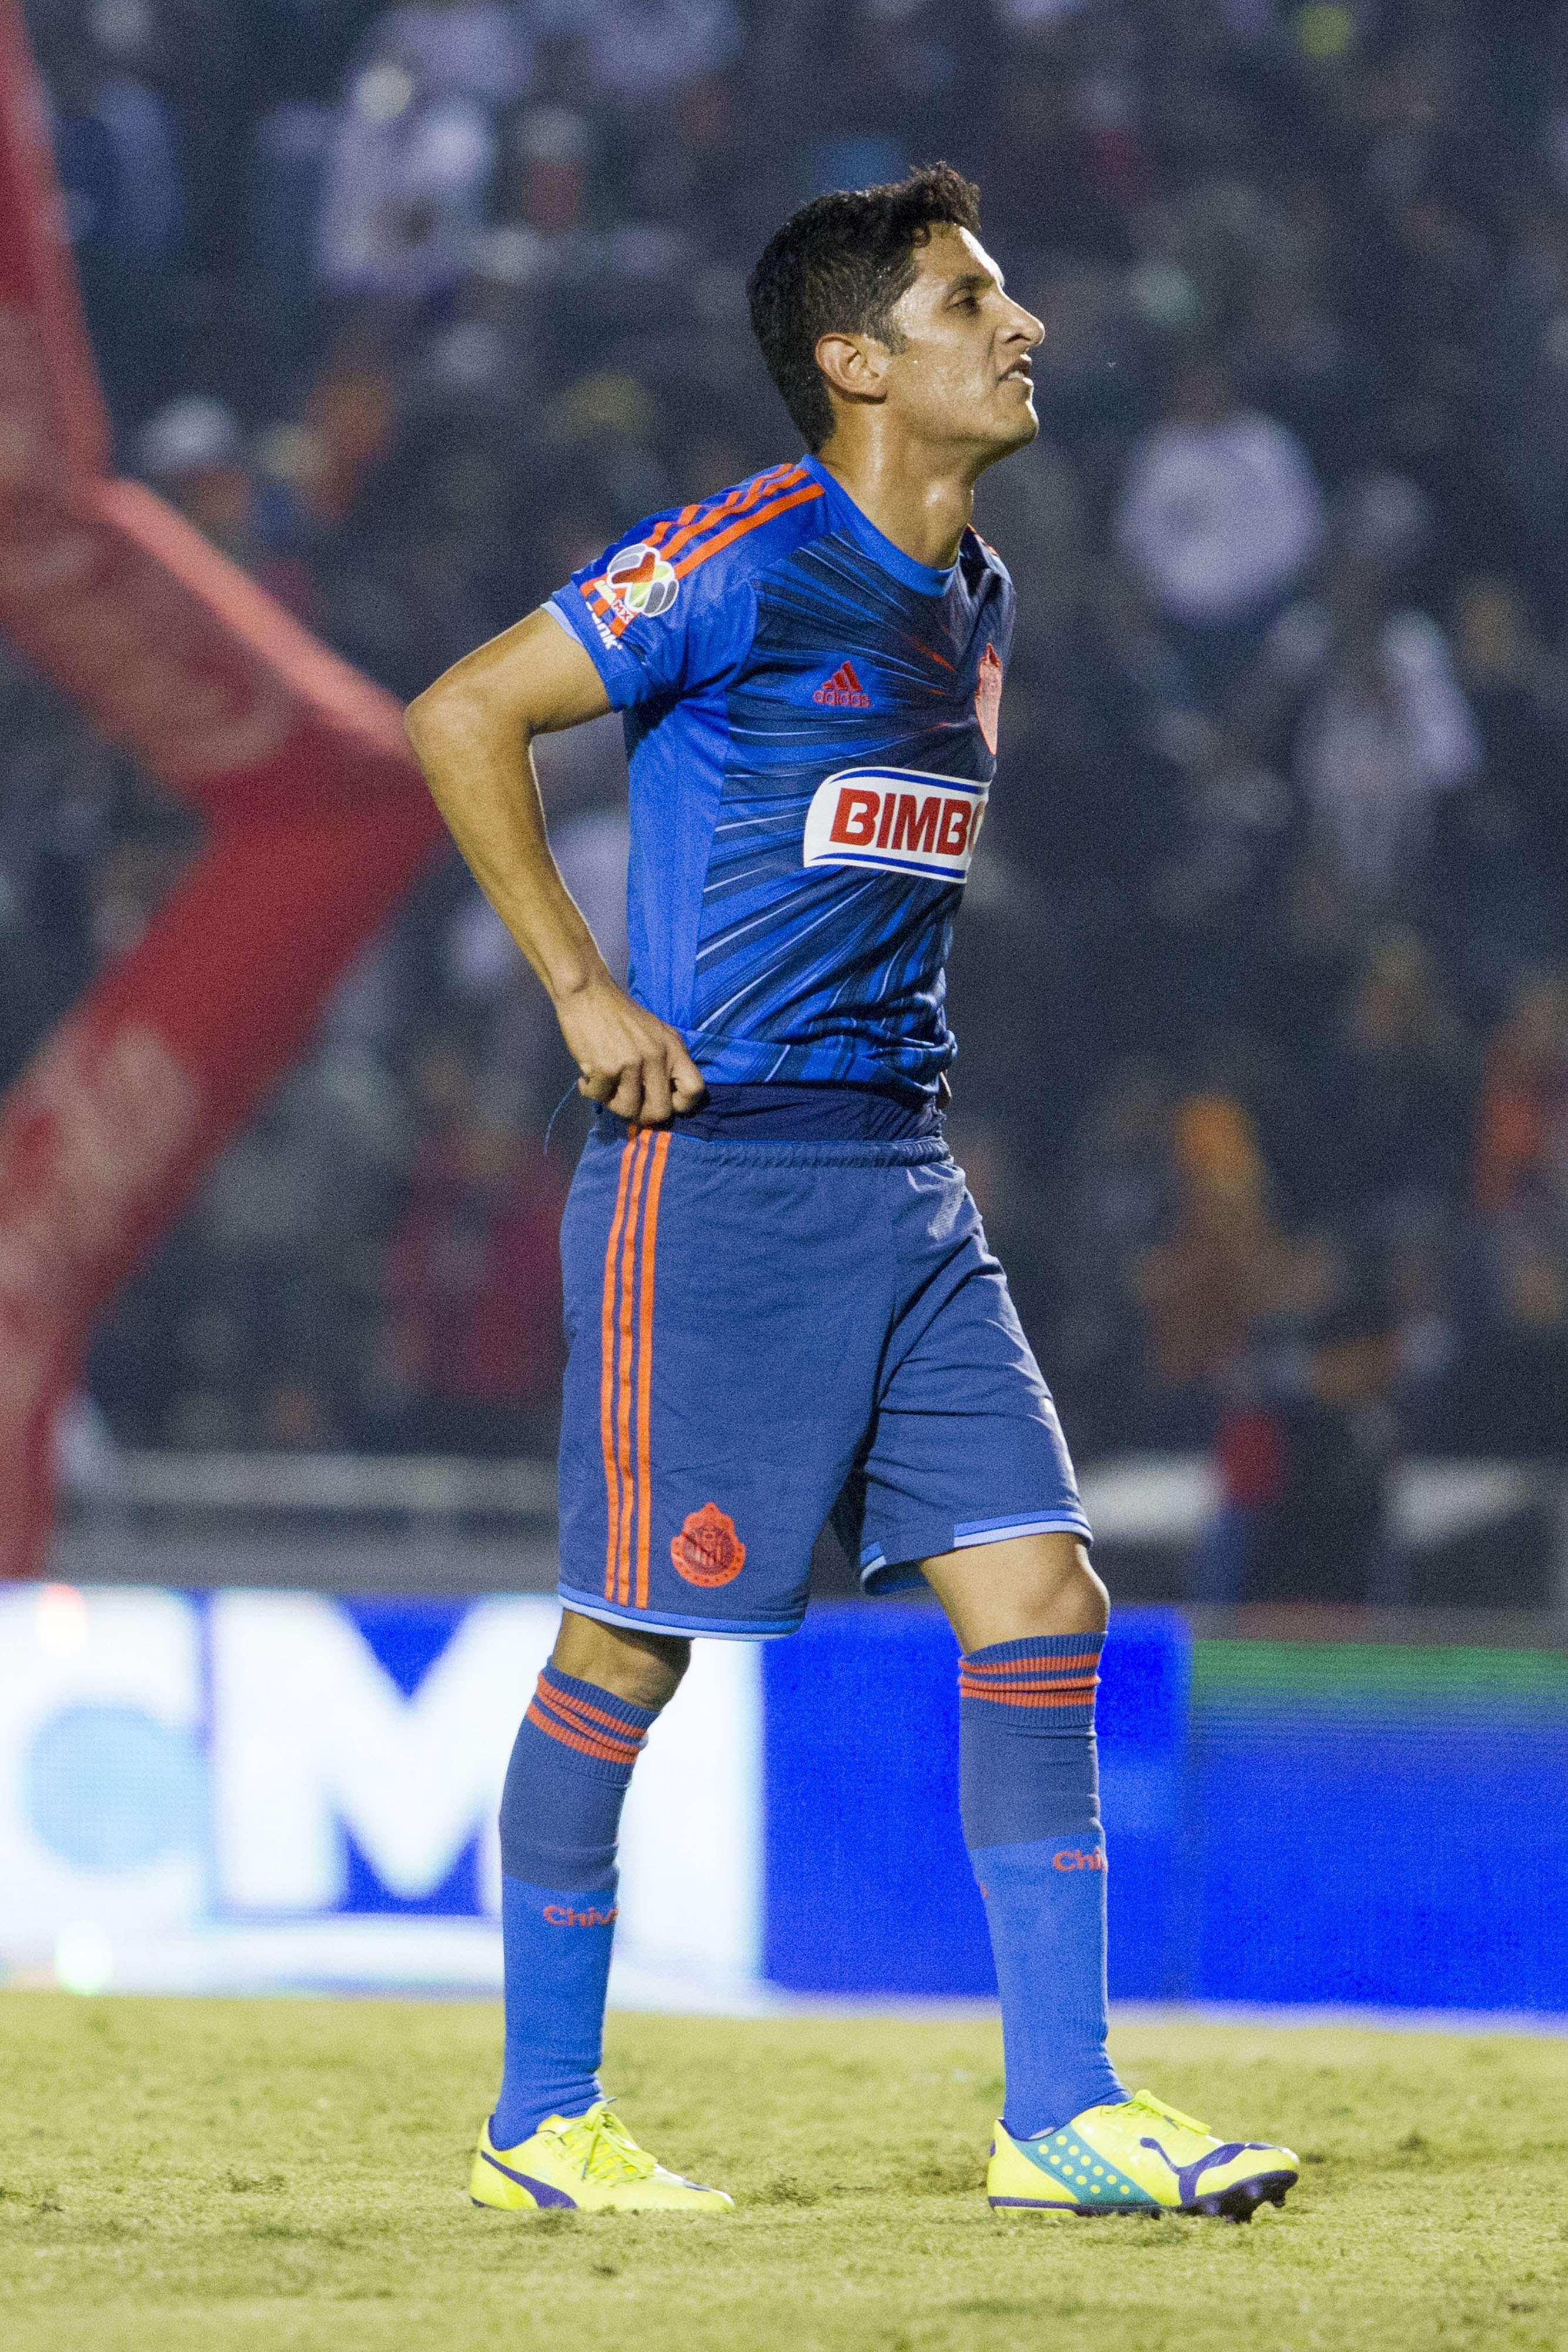 Reyna no marcó un solo gol con Chivas. Foto: Mexsport